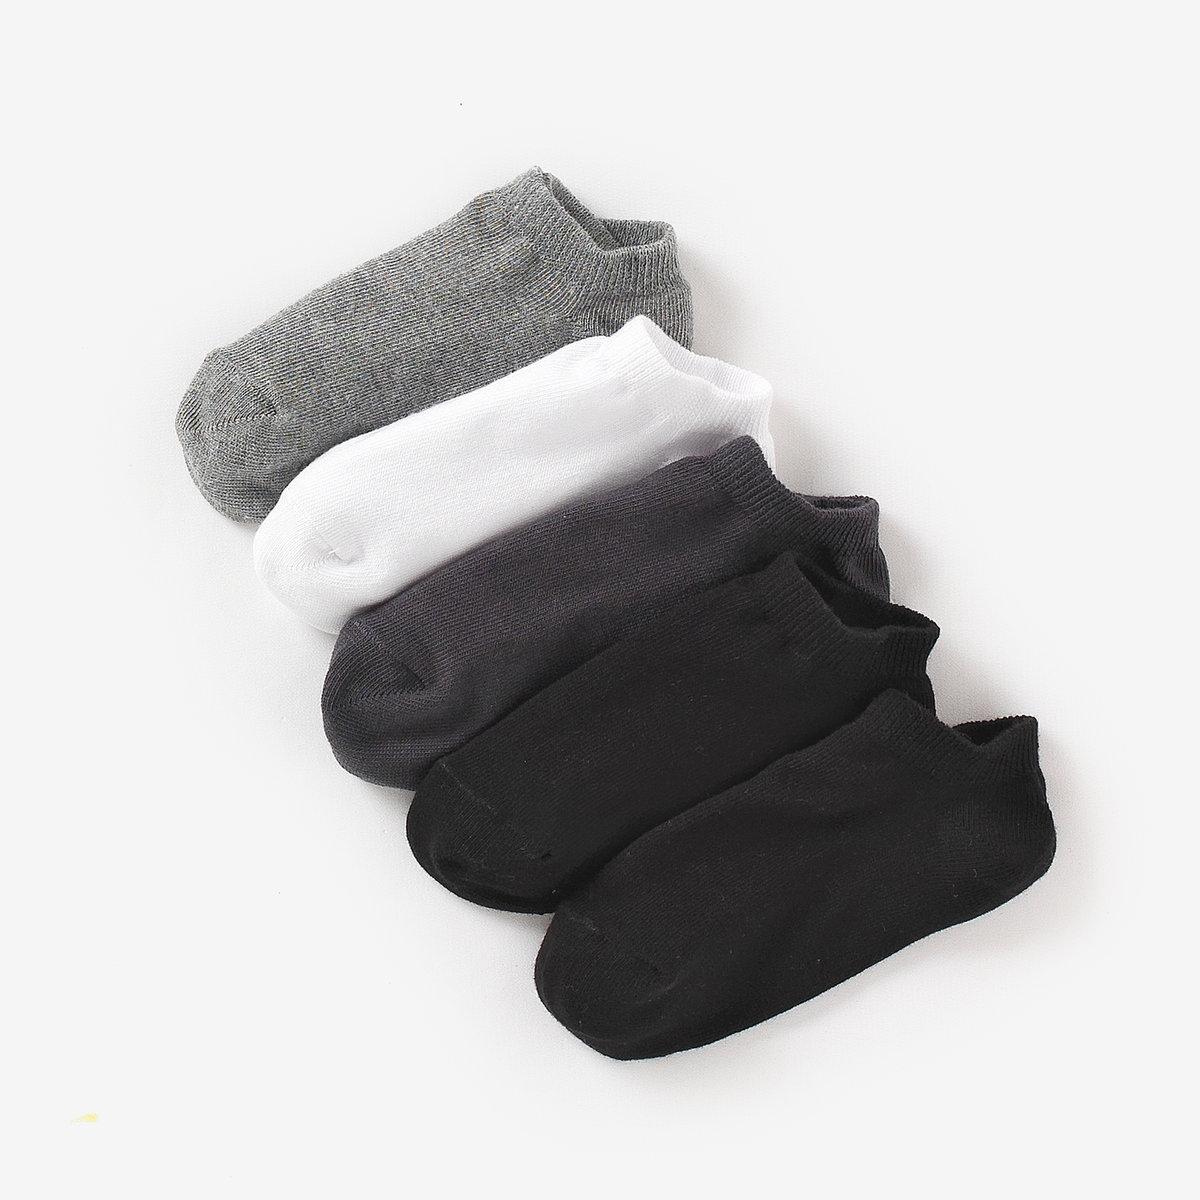 Комплект из 5 пар однотонных носковВ комплекте 5 пар однотонных носков. Состав и описание : Материал       77% хлопка, 22% полиамида, 1% эластанаМарка       R ?ditionУход :Машинная стирка при 30 °C с вещами схожих цветов.Стирать с изнаночной стороны.Машинная сушка запрещена.Не гладить.<br><br>Цвет: белый,черный + серый + белый<br>Размер: 23/26.27/30.31/34.35/38